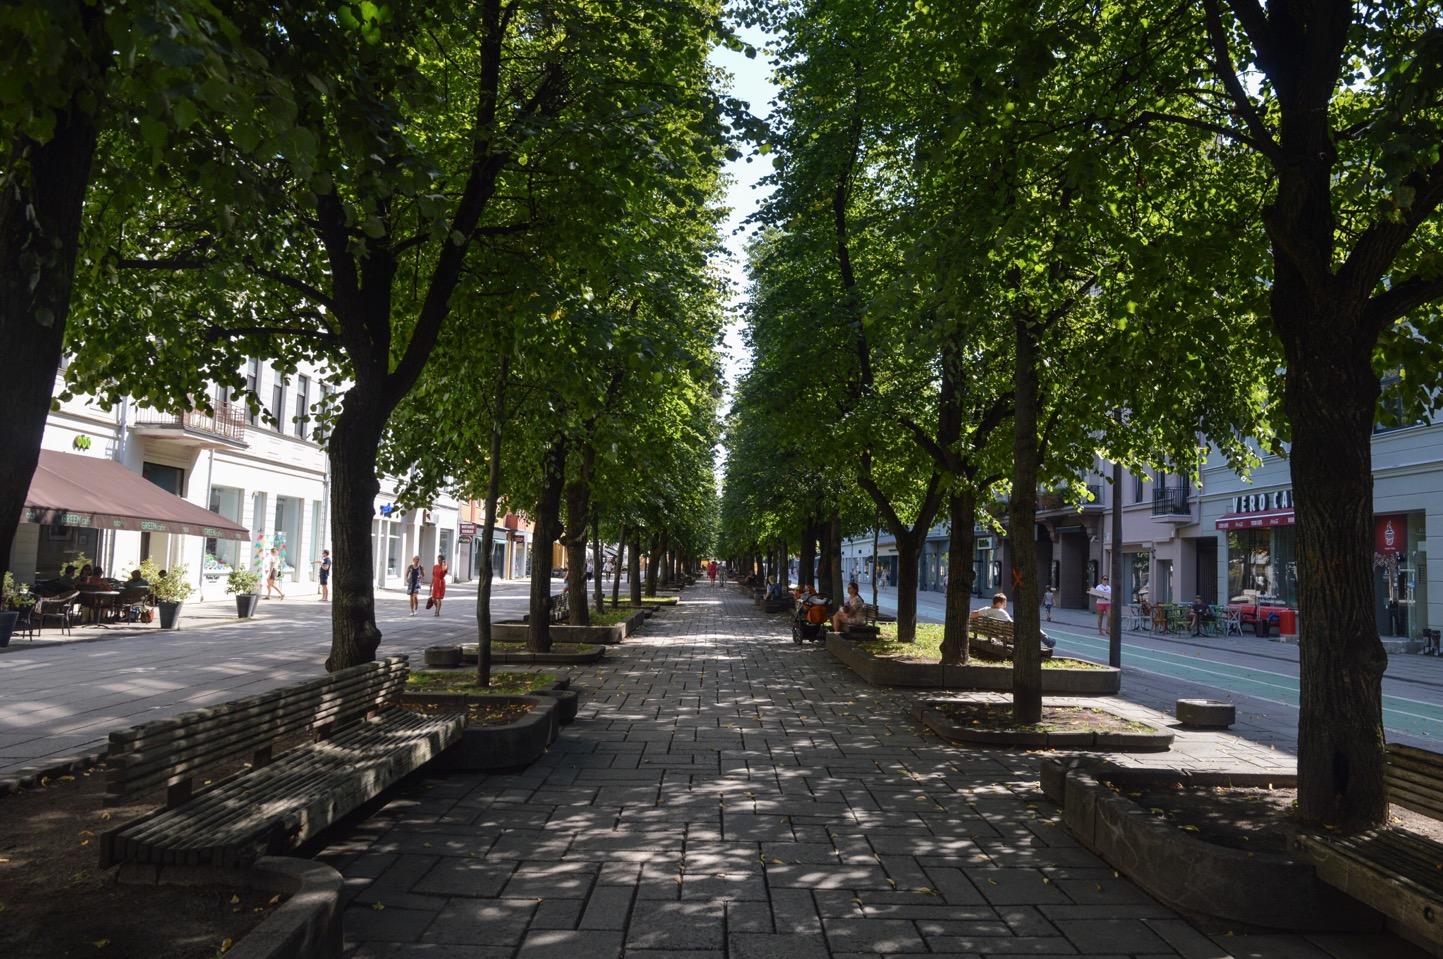 Laisvės alėja, Kaunas, Lithuania